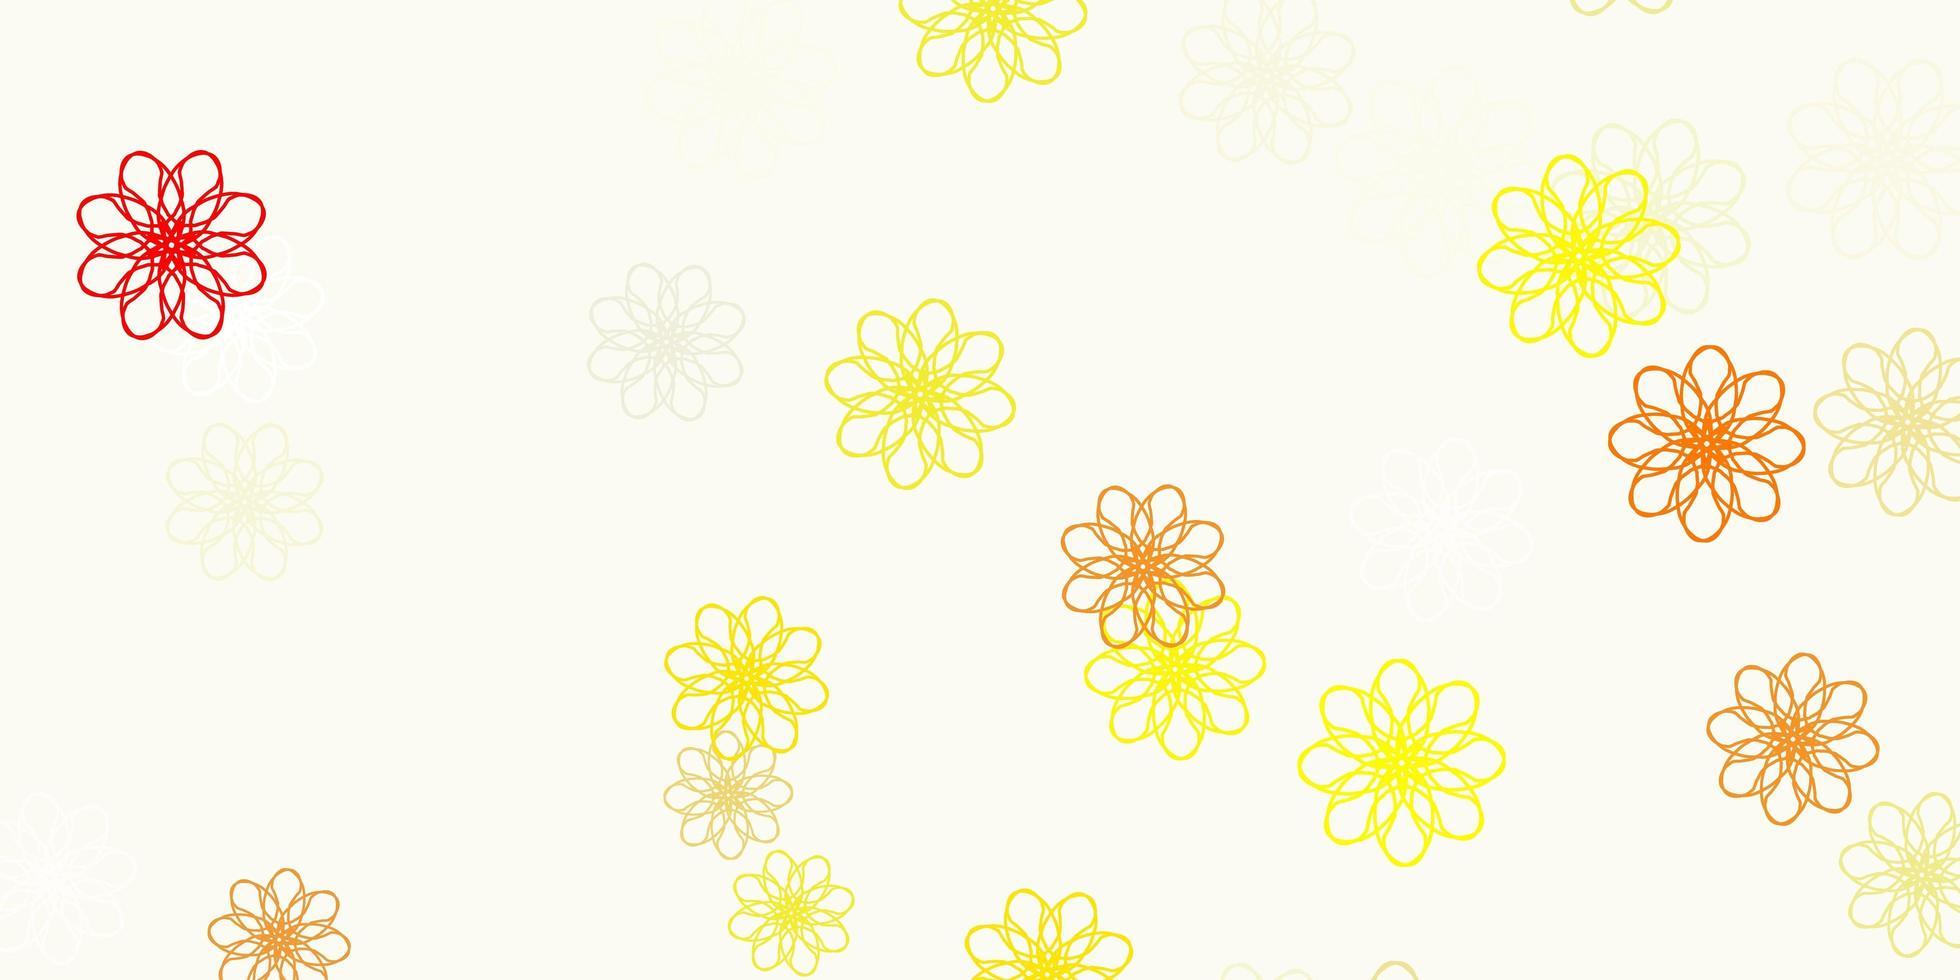 motif de doodle vecteur orange clair avec des fleurs.